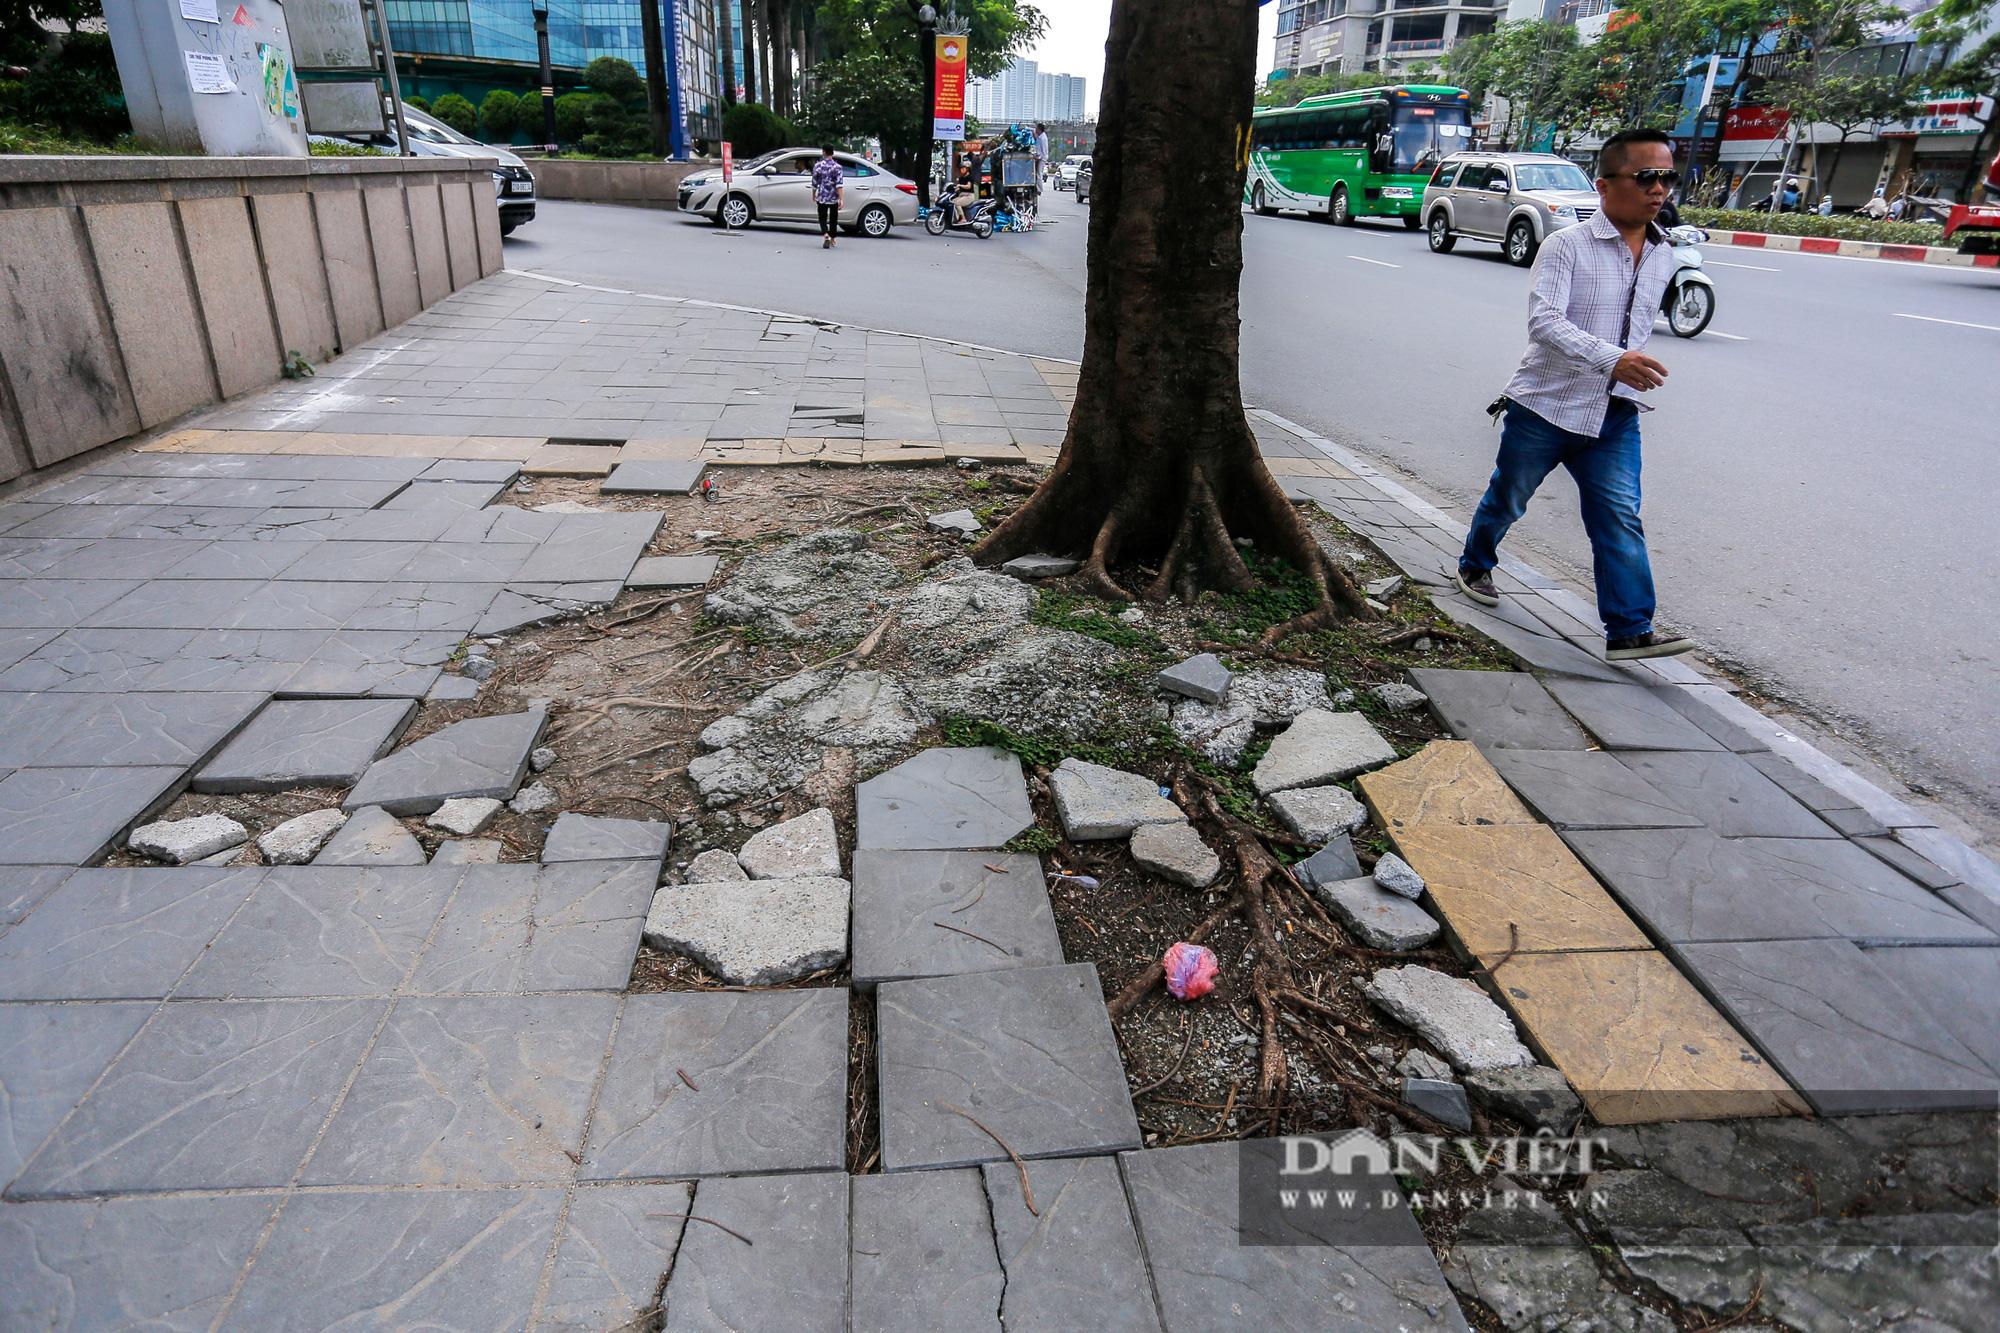 """Hà Nội: Đá lát vỉa hè độ bền 70 năm """"vỡ không thương tiếc"""" chỉ sau 3 năm - Ảnh 5."""